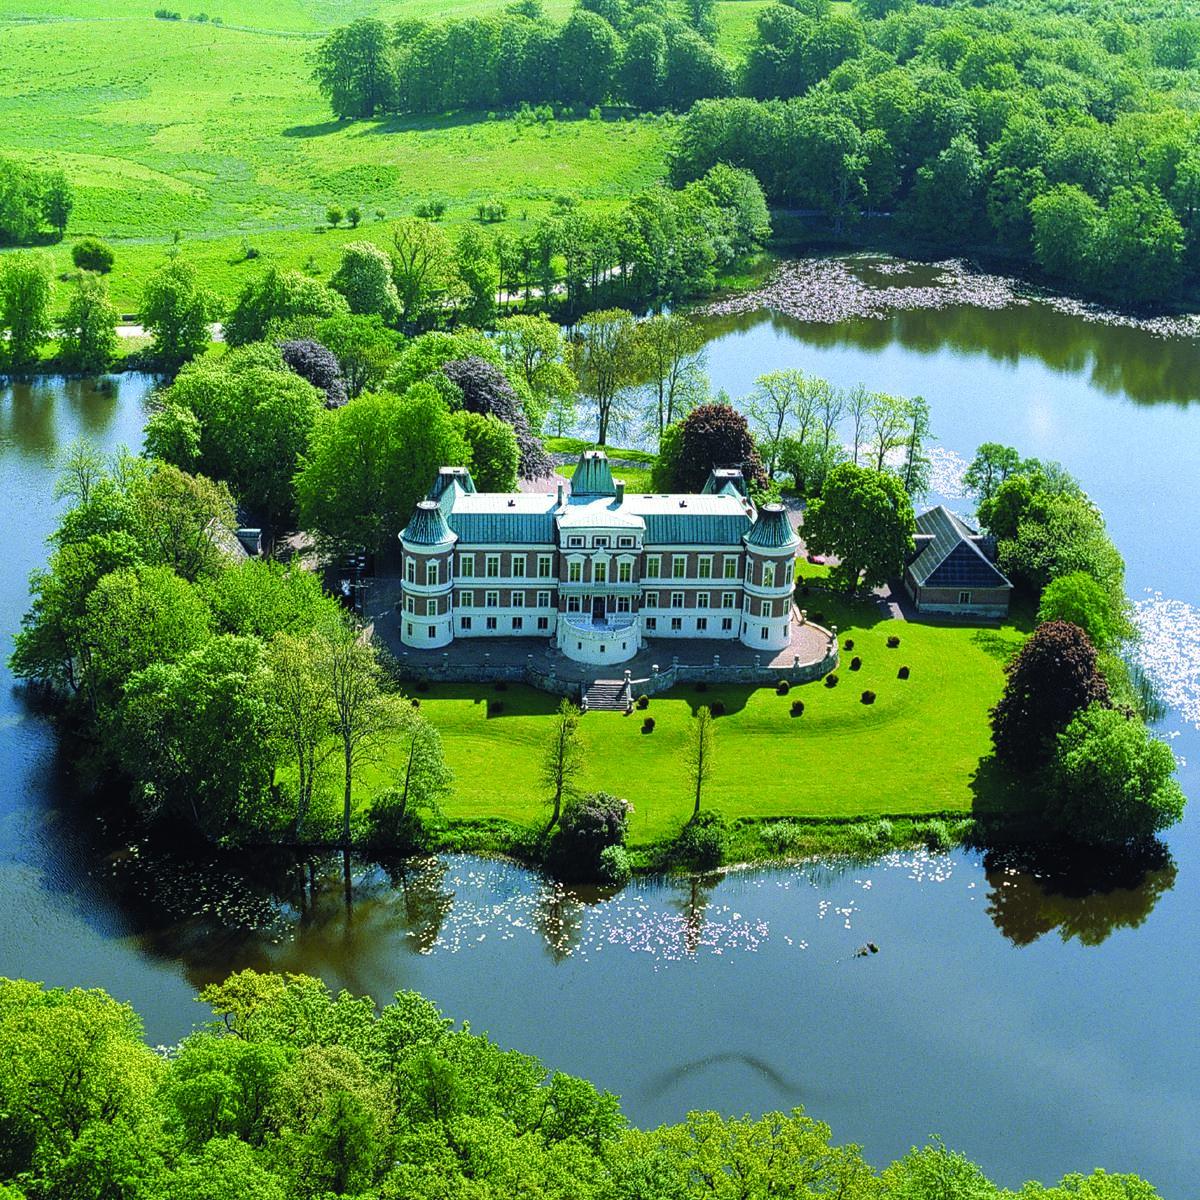 © Häckeberga Slott, Häckeberga Castle